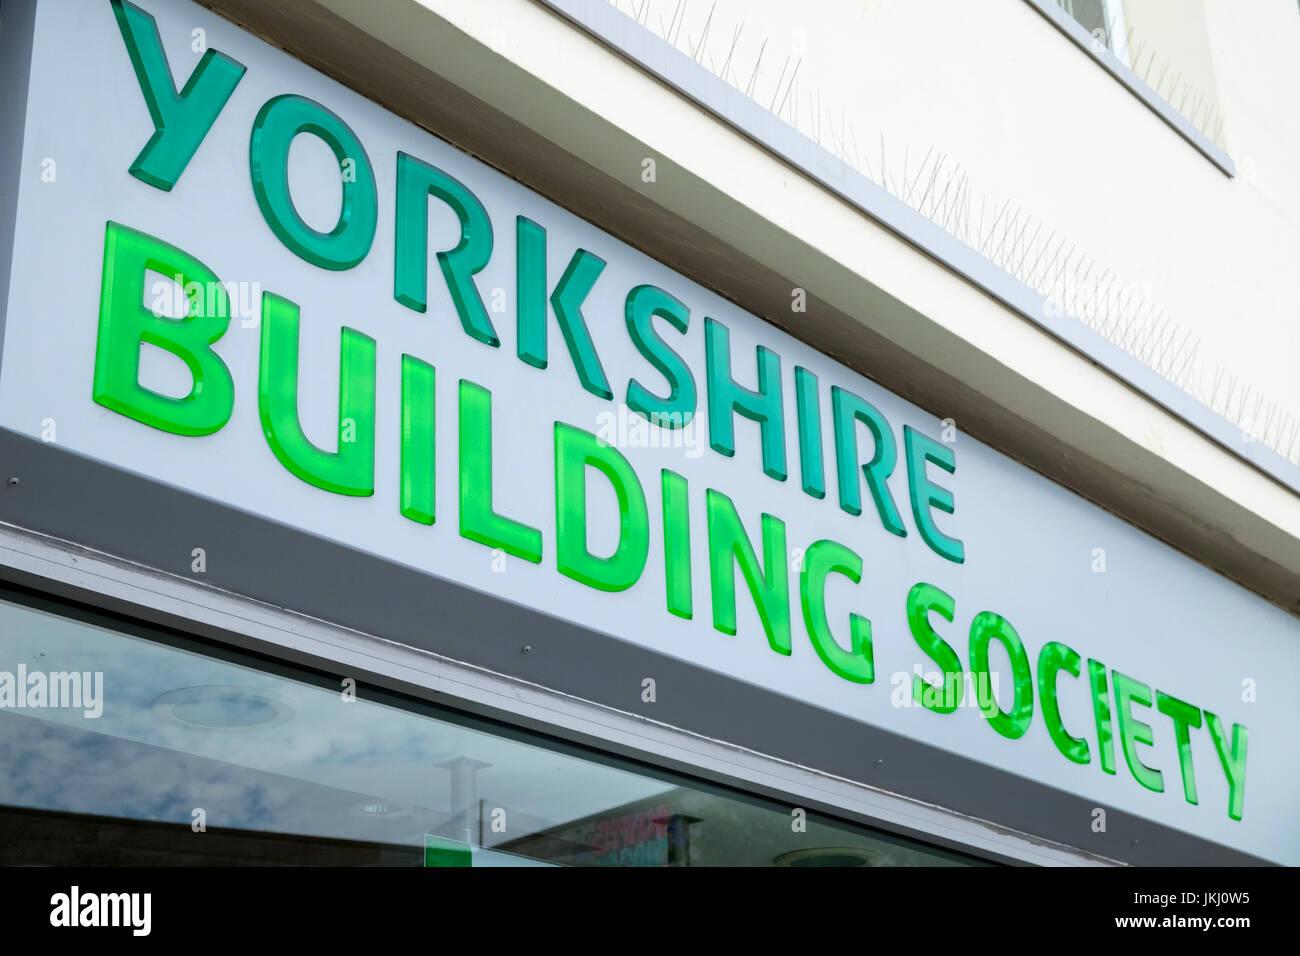 Yorkshire Building Society, Southampton, Hampshire, UK Stockbild